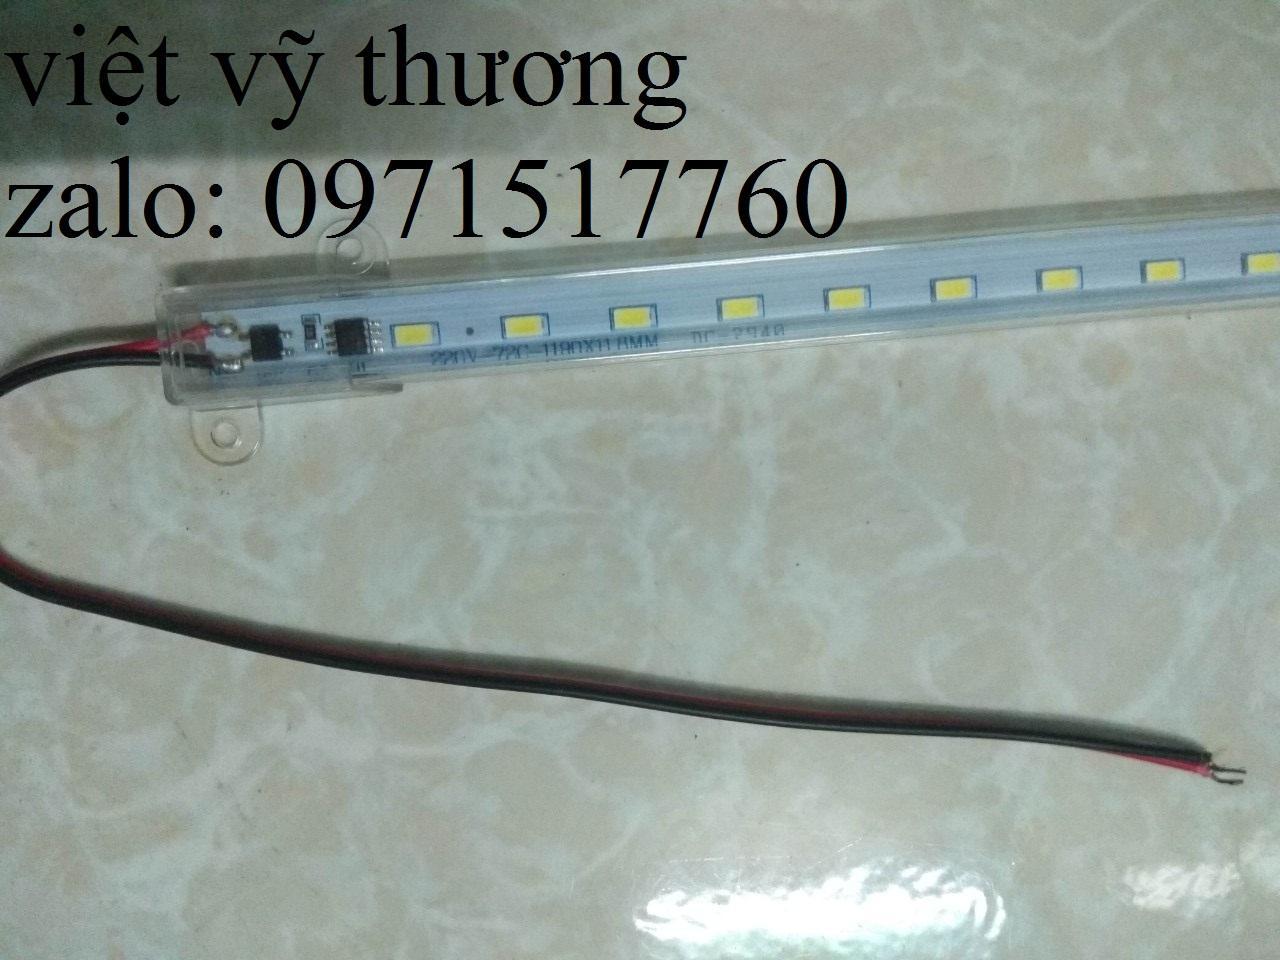 Led thanh 5730 220V  hàng đơn 1.2m 72led